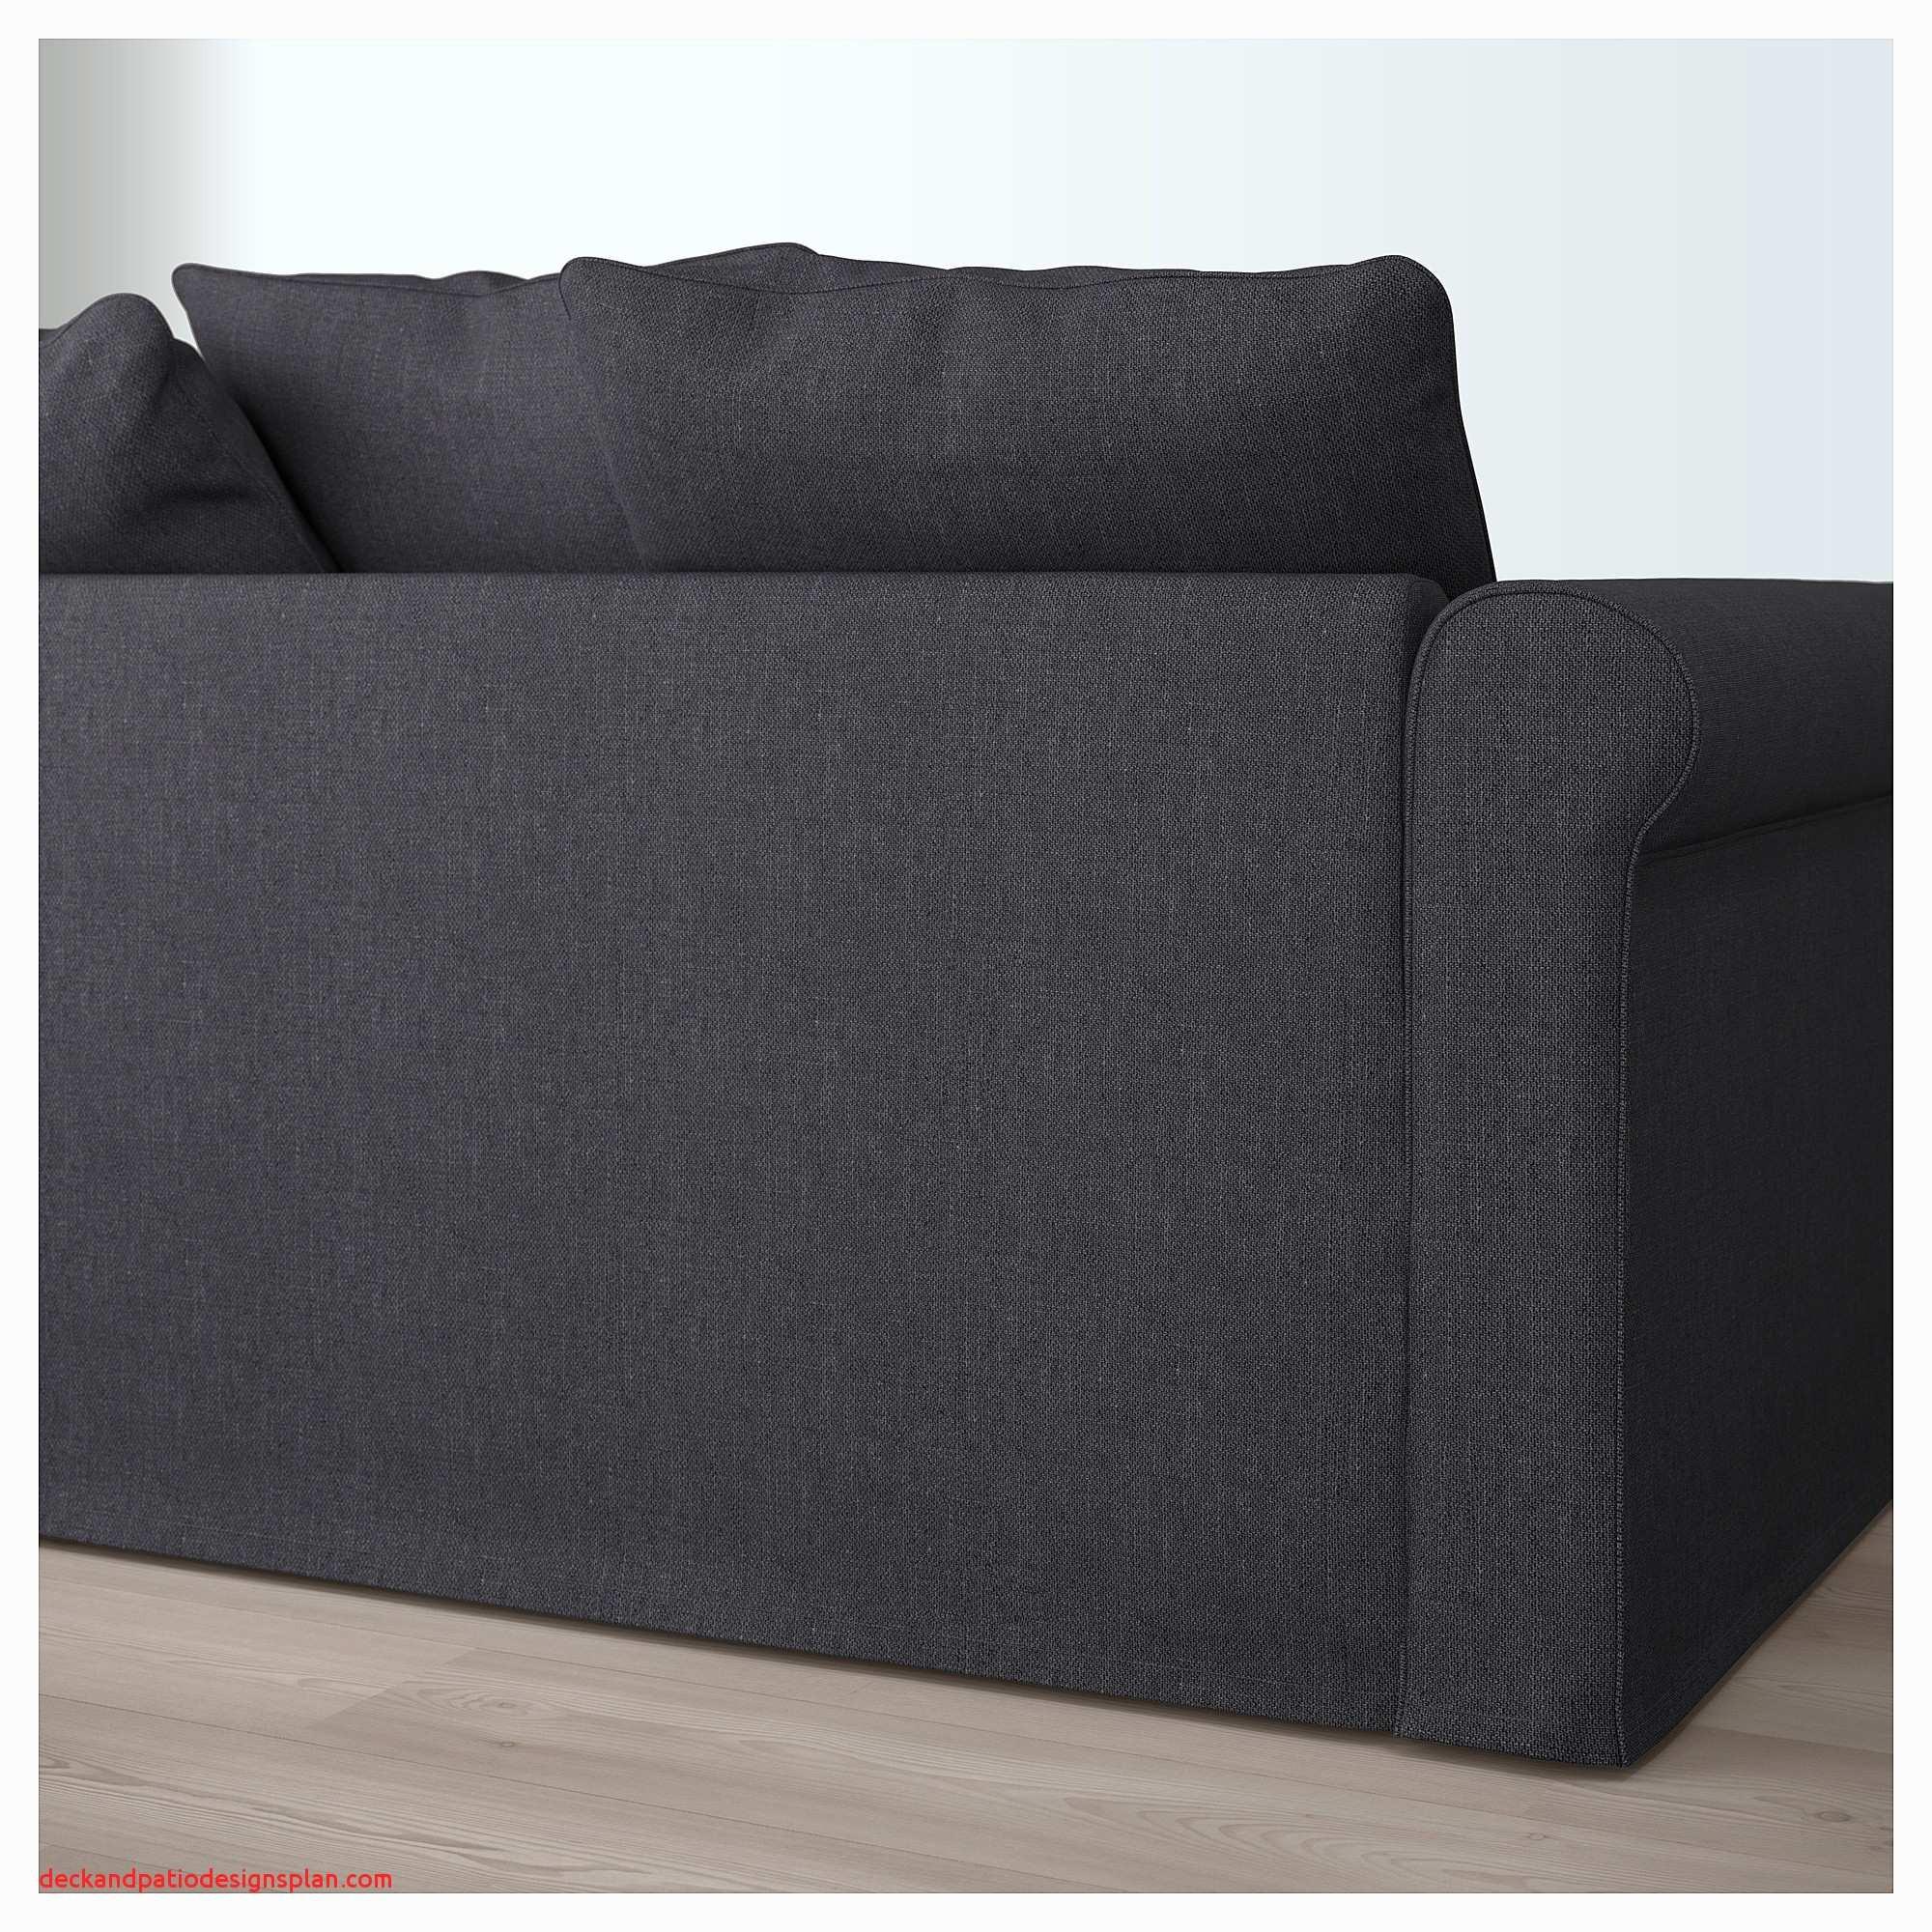 die 20 besten ideen f r ikea sofa klein beste wohnkultur bastelideen coloring und frisur. Black Bedroom Furniture Sets. Home Design Ideas